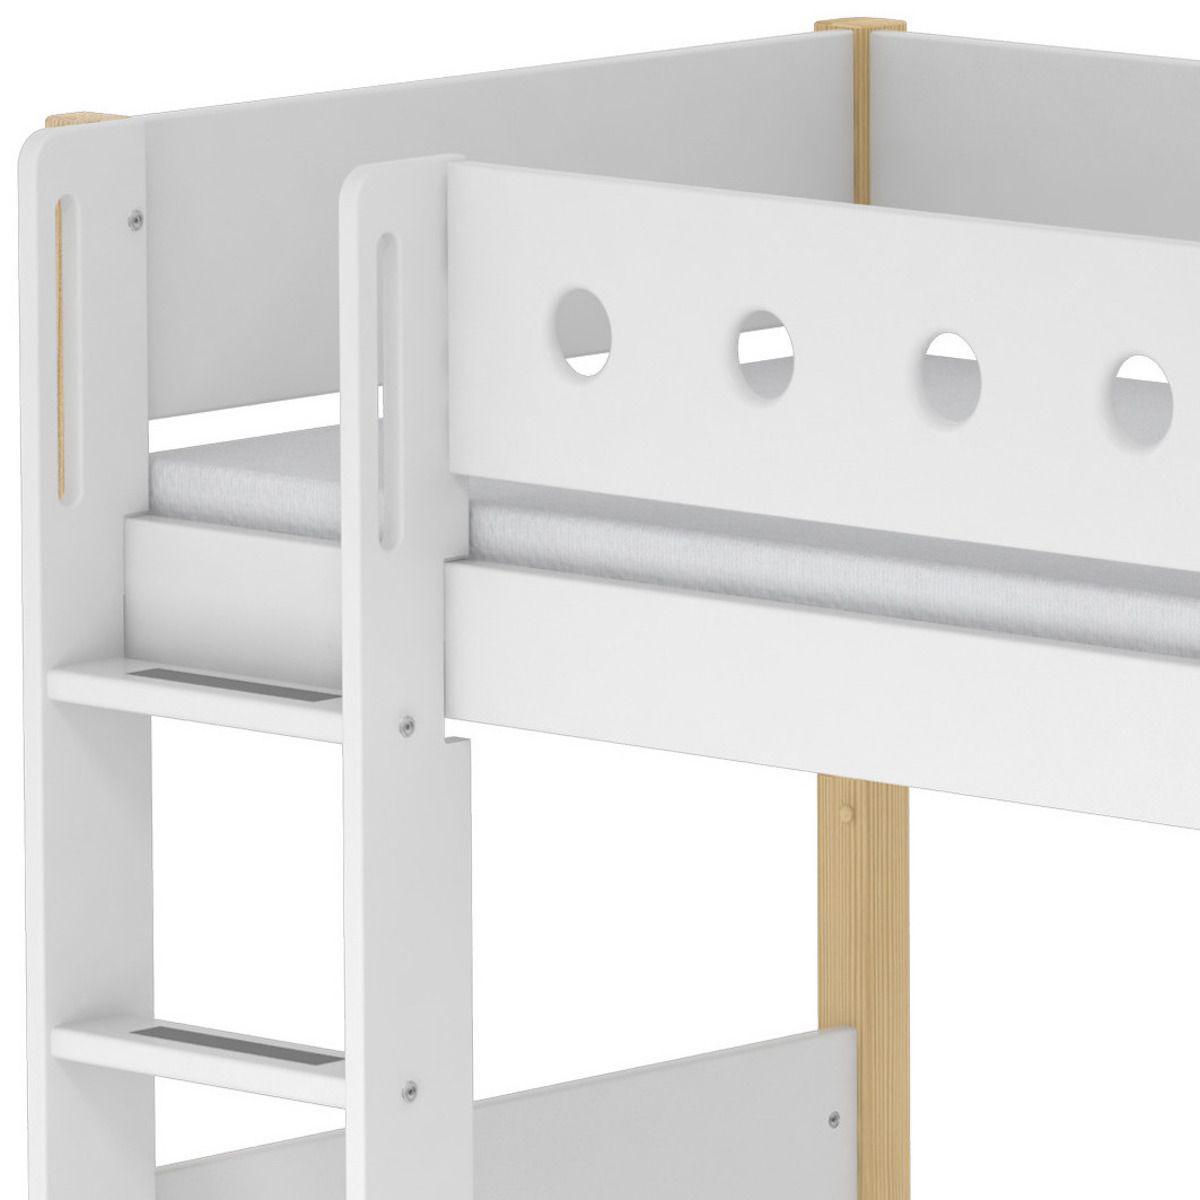 Lit enfant surélevé WHITE Flexa 90x200 échelle droite pieds bouleau barrière blanche